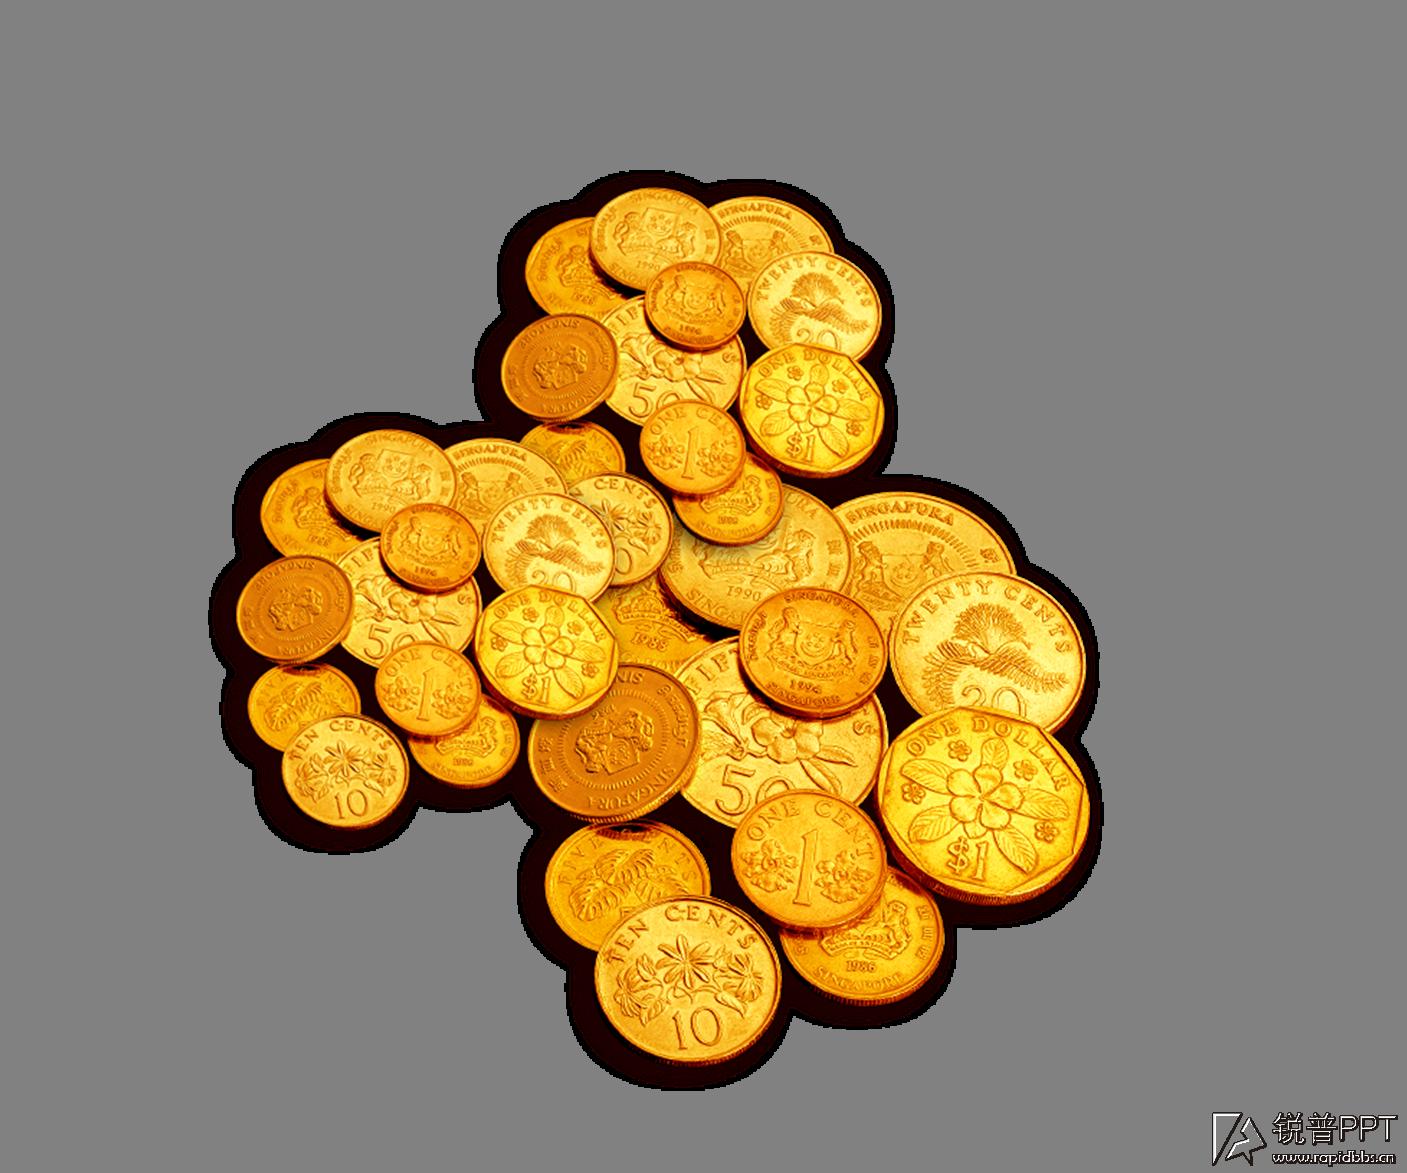 〖水大师素材分享〗金钱与美女(png透明背景图片5张)